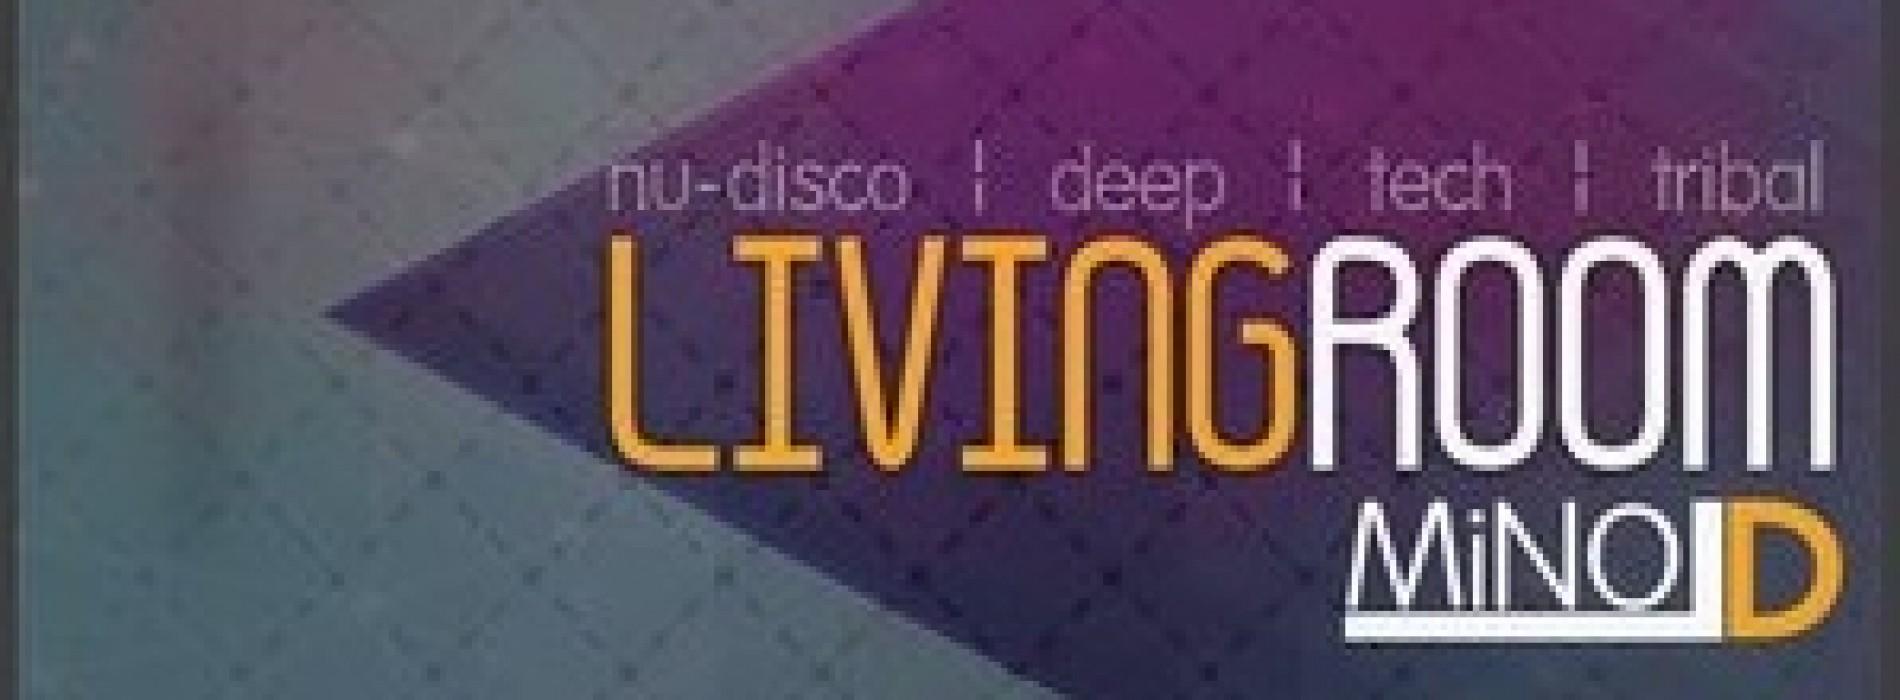 Minol D – Living Room 17